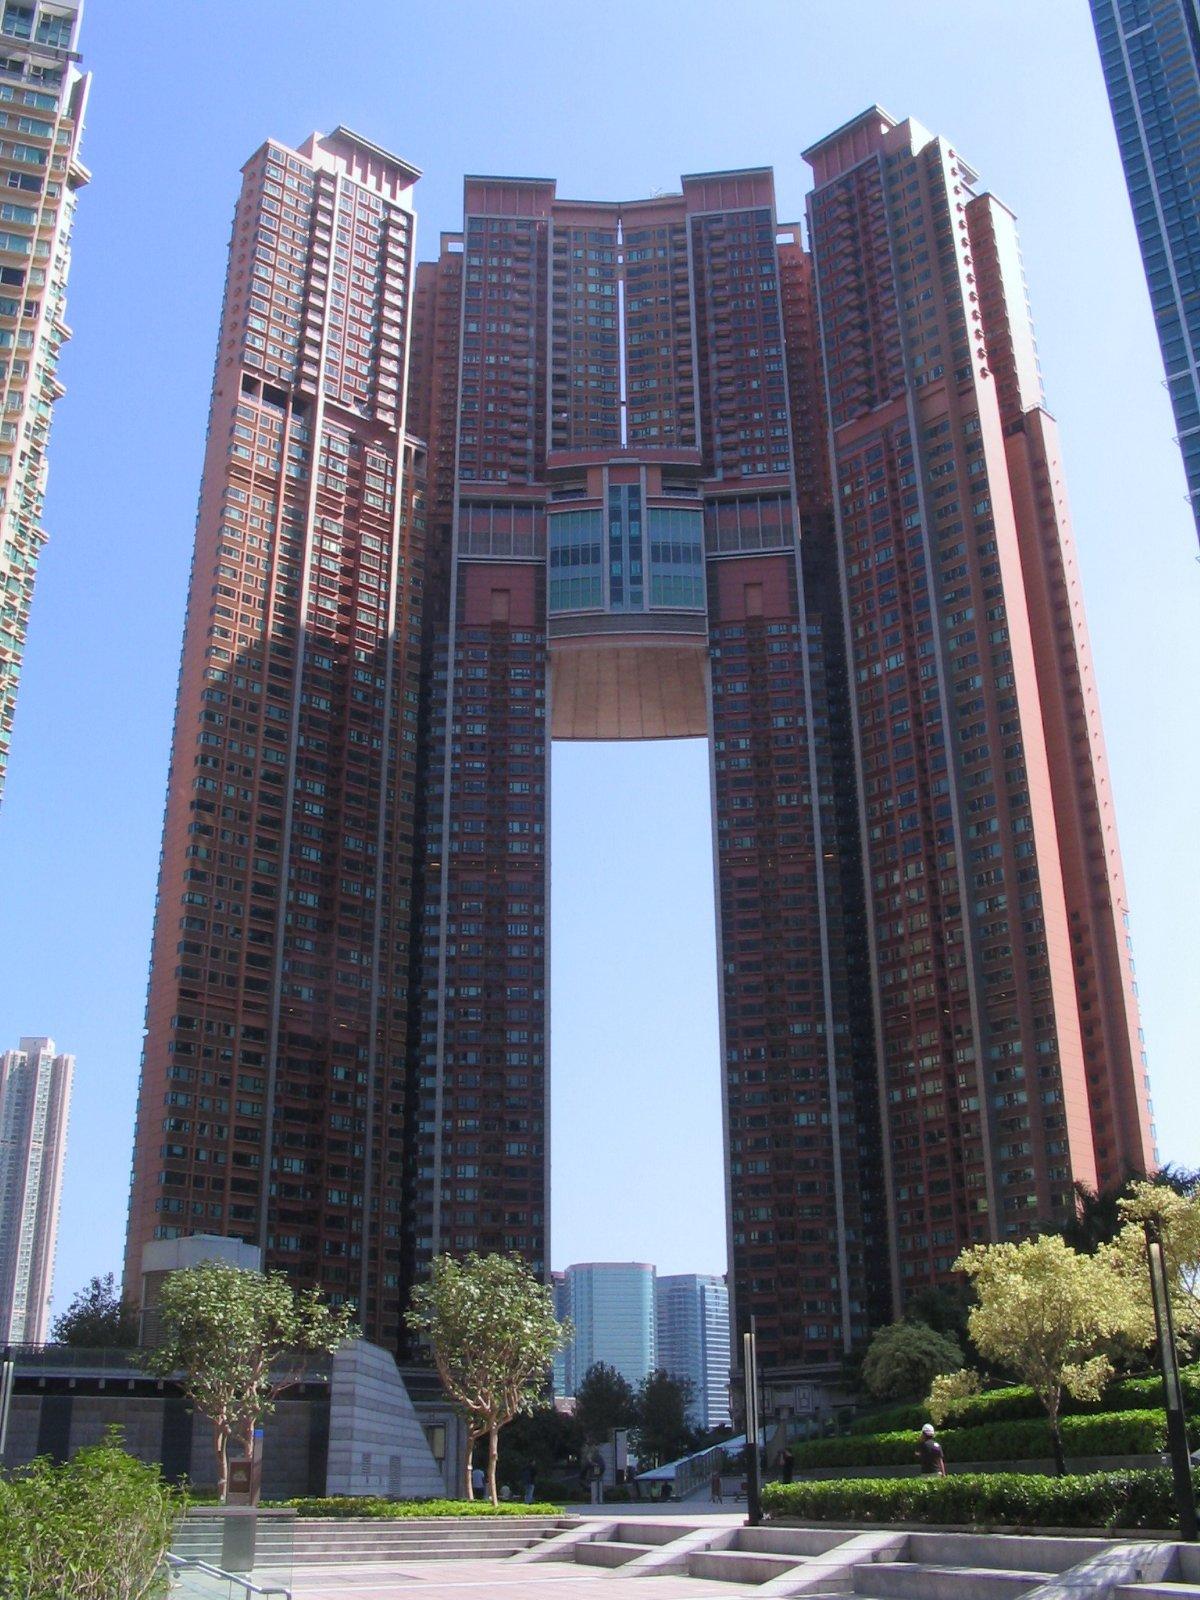 Sun Hung Kai : Sun hung kai properties — wikipédia